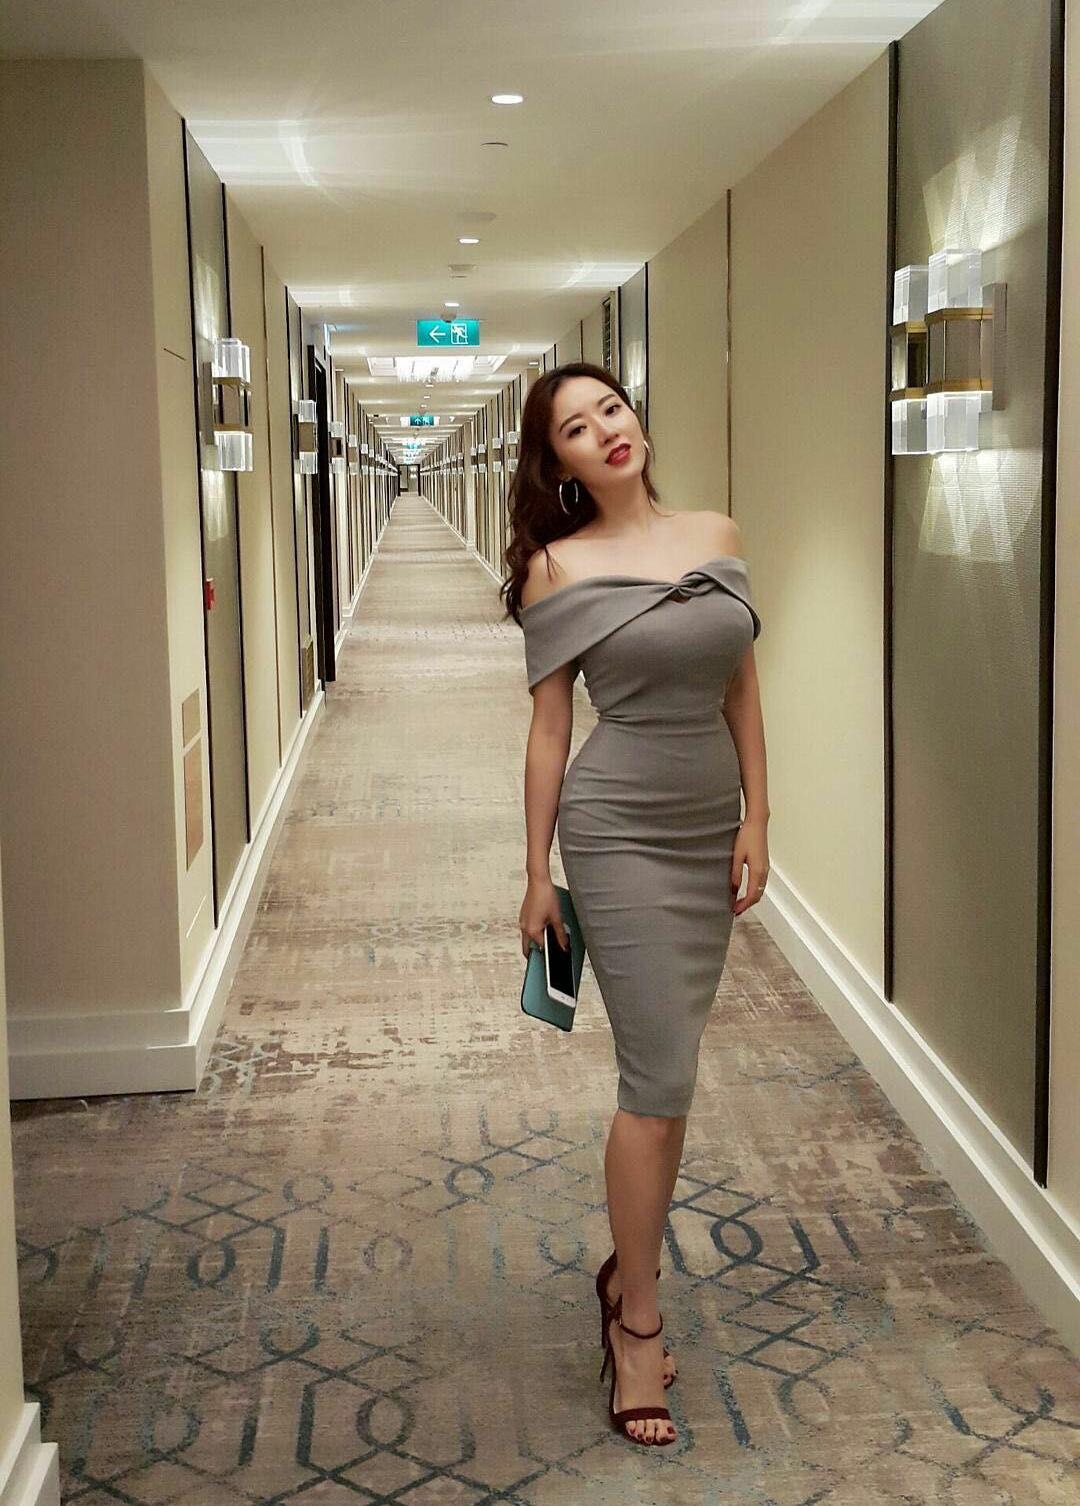 刘强东:走正道,别自己入狱老婆跟人跑了 内涵段子 图3